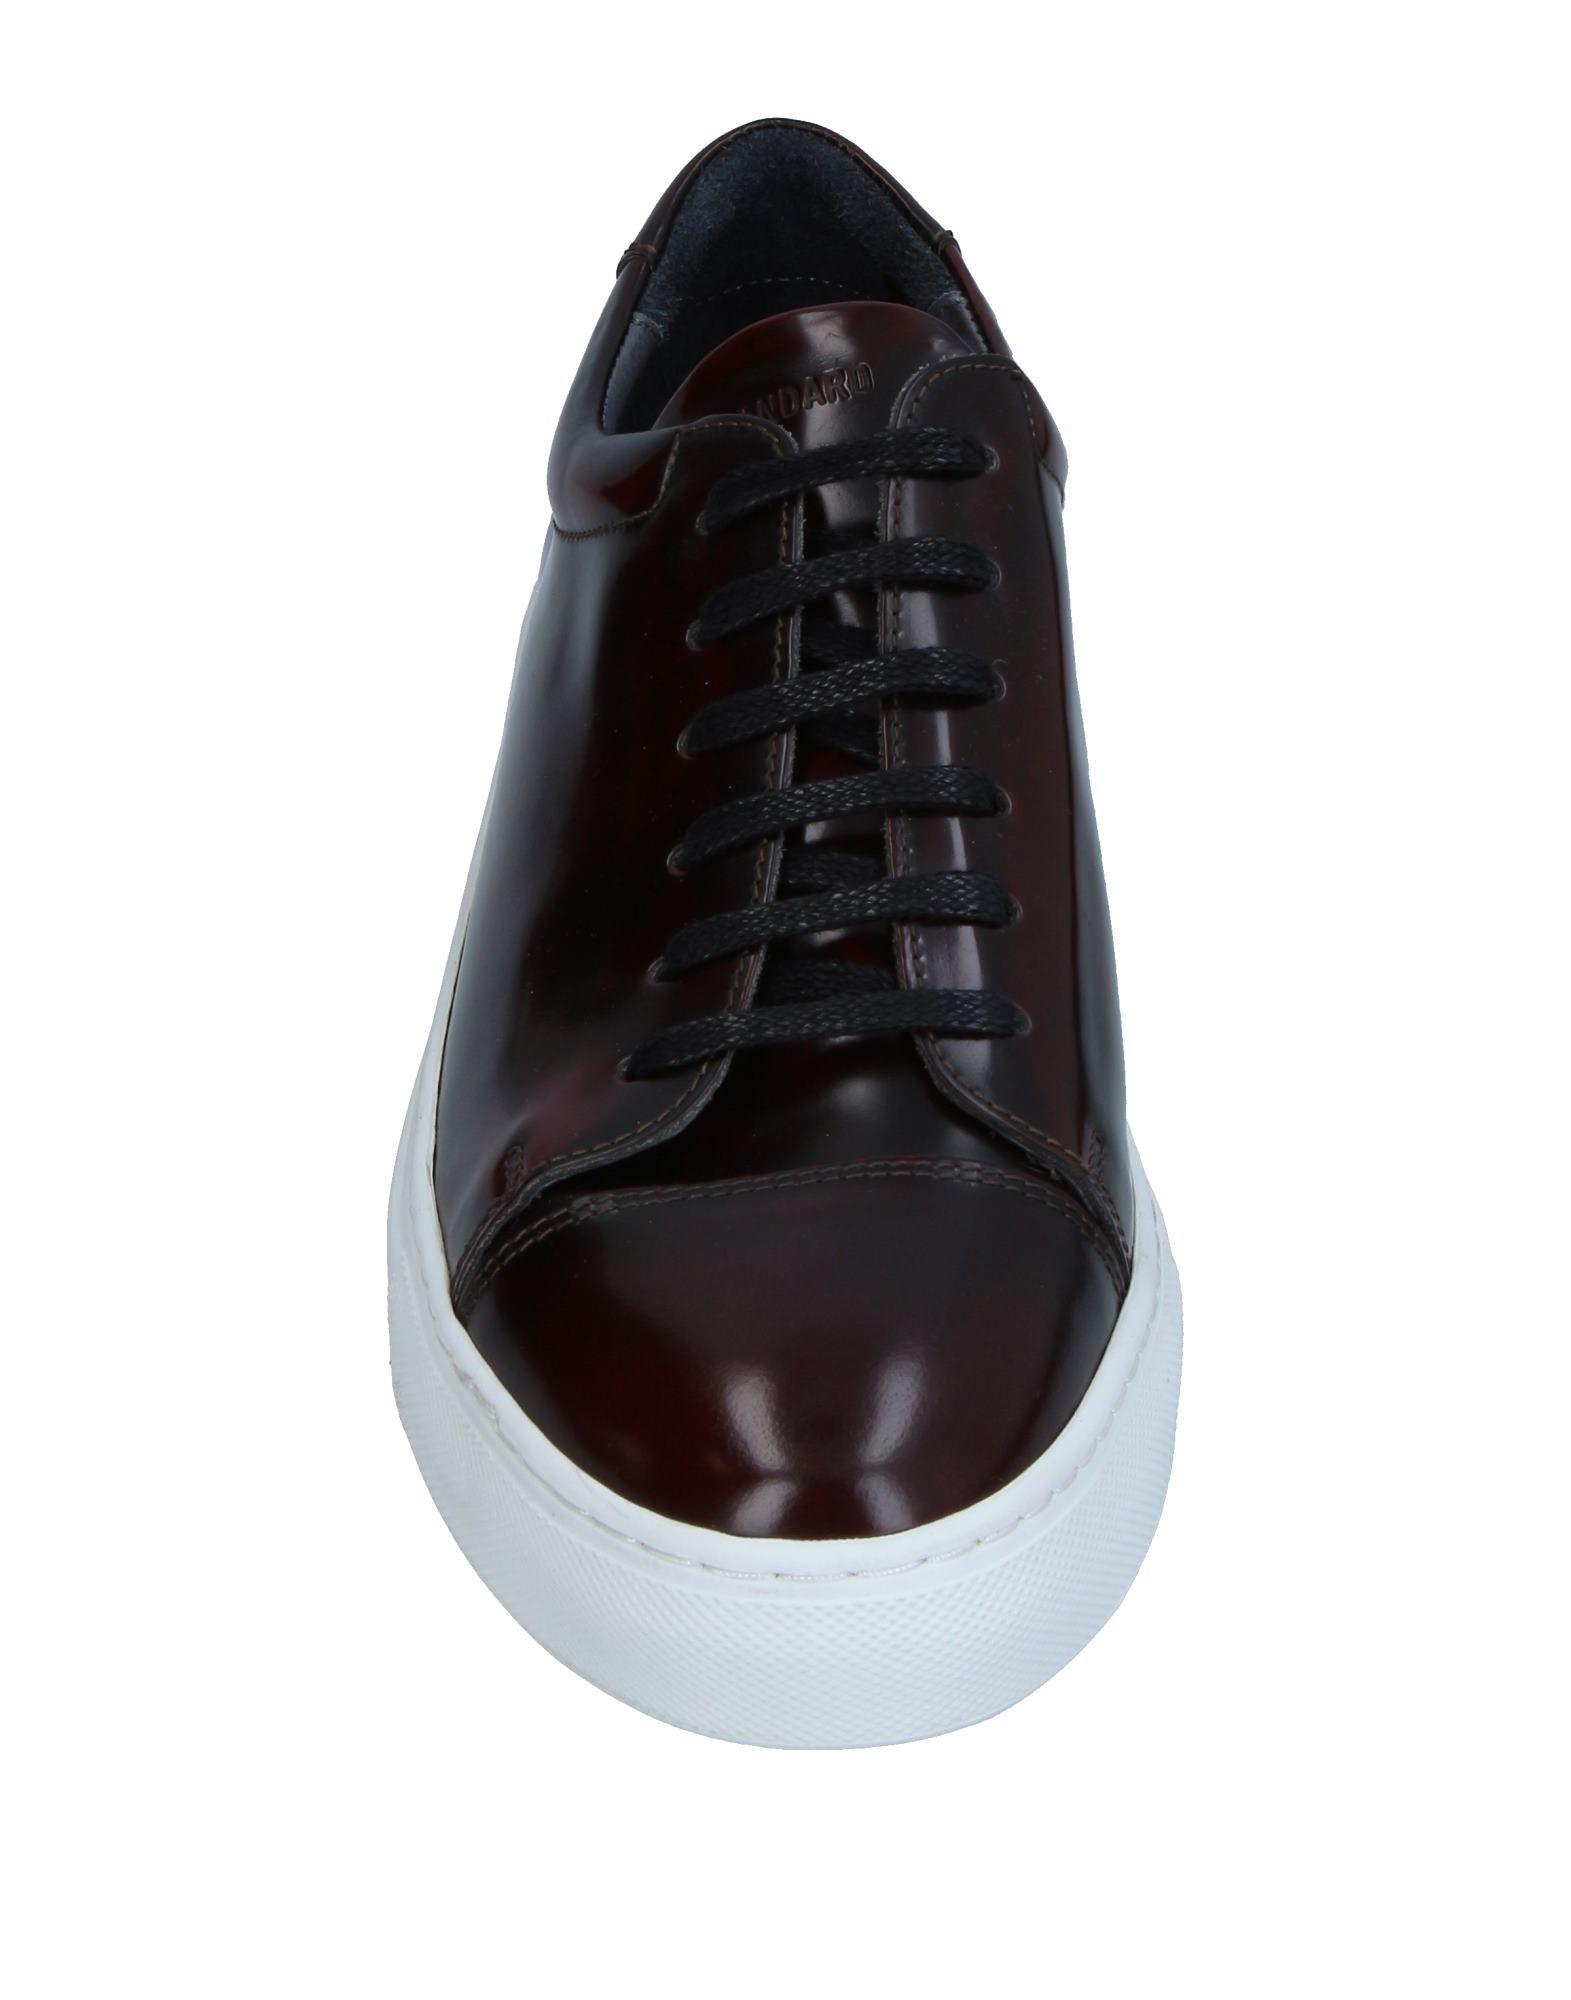 Rabatt Sneakers echte Schuhe National Standard Sneakers Rabatt Herren  11356611HW a52c0e